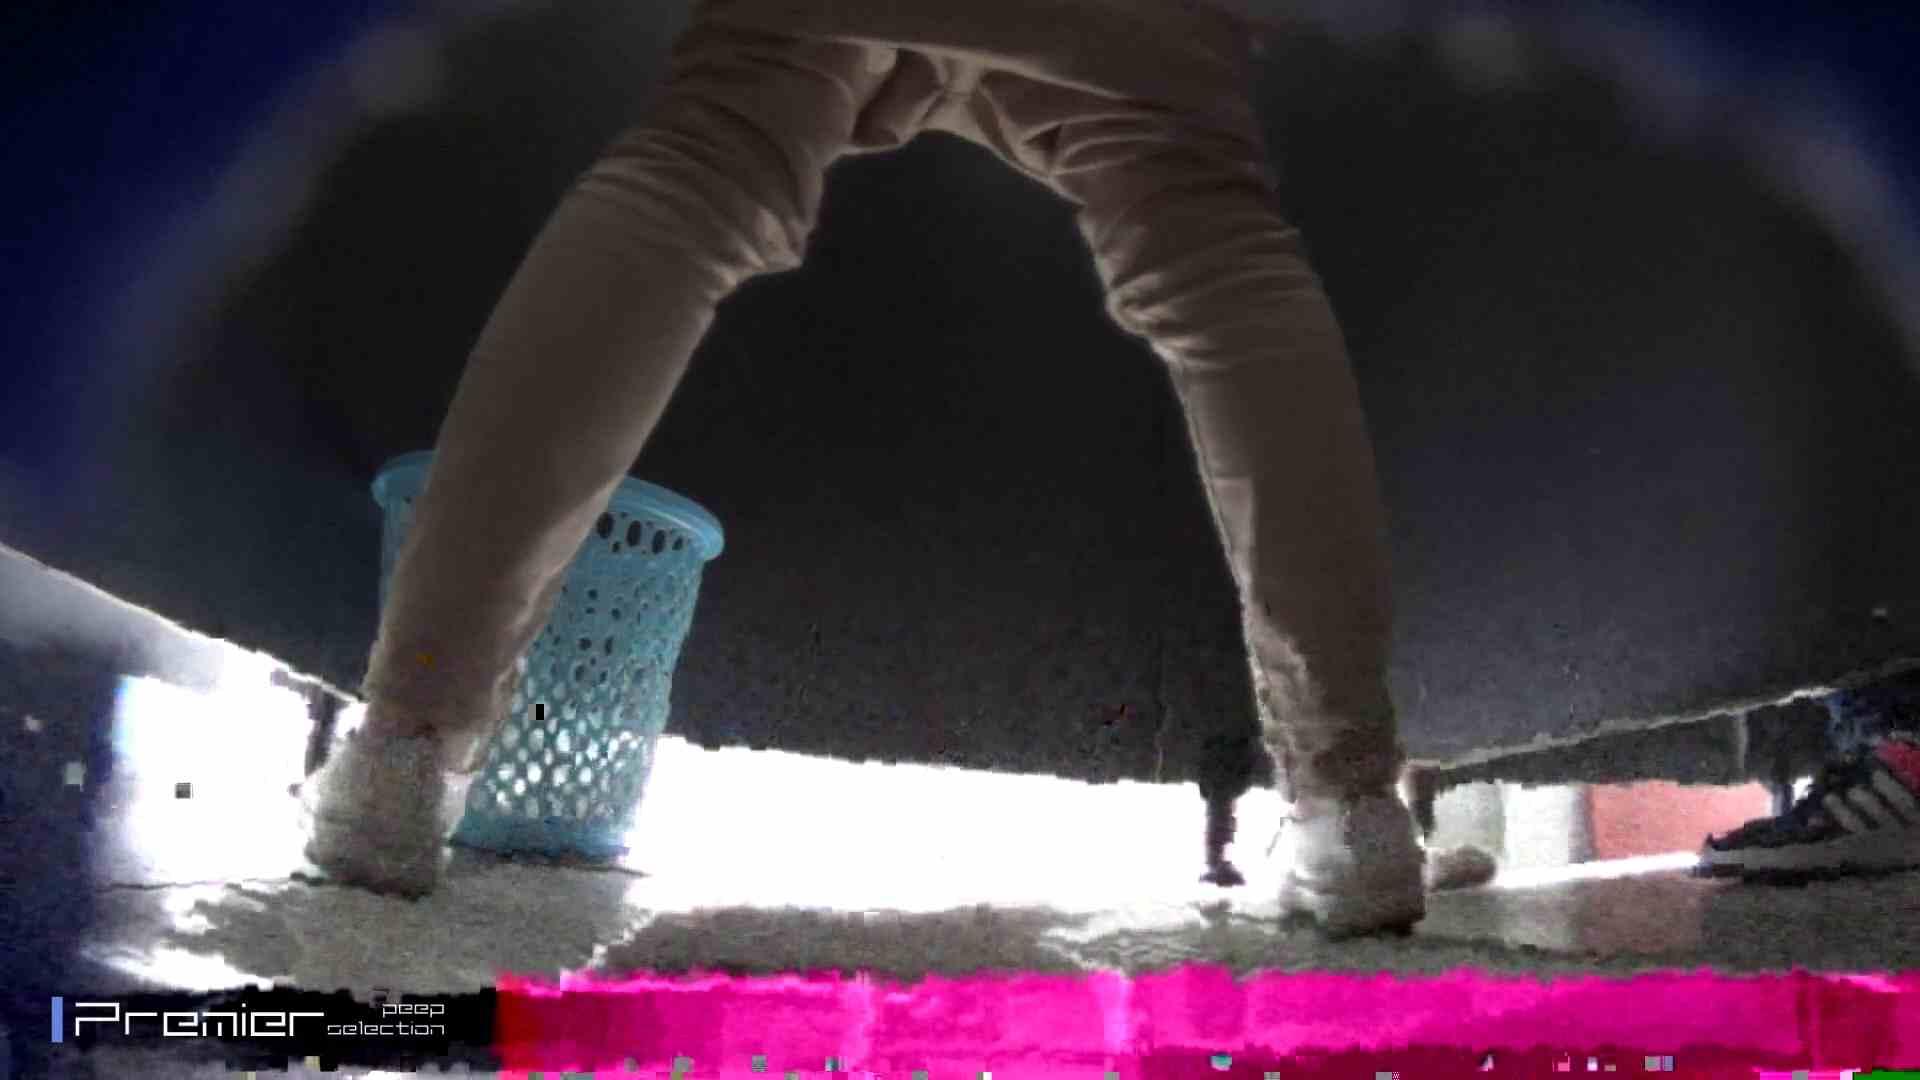 清楚なJDトイレ盗撮 大学休憩時間の洗面所事情41 トイレ中の女子達 AV動画キャプチャ 85連発 44